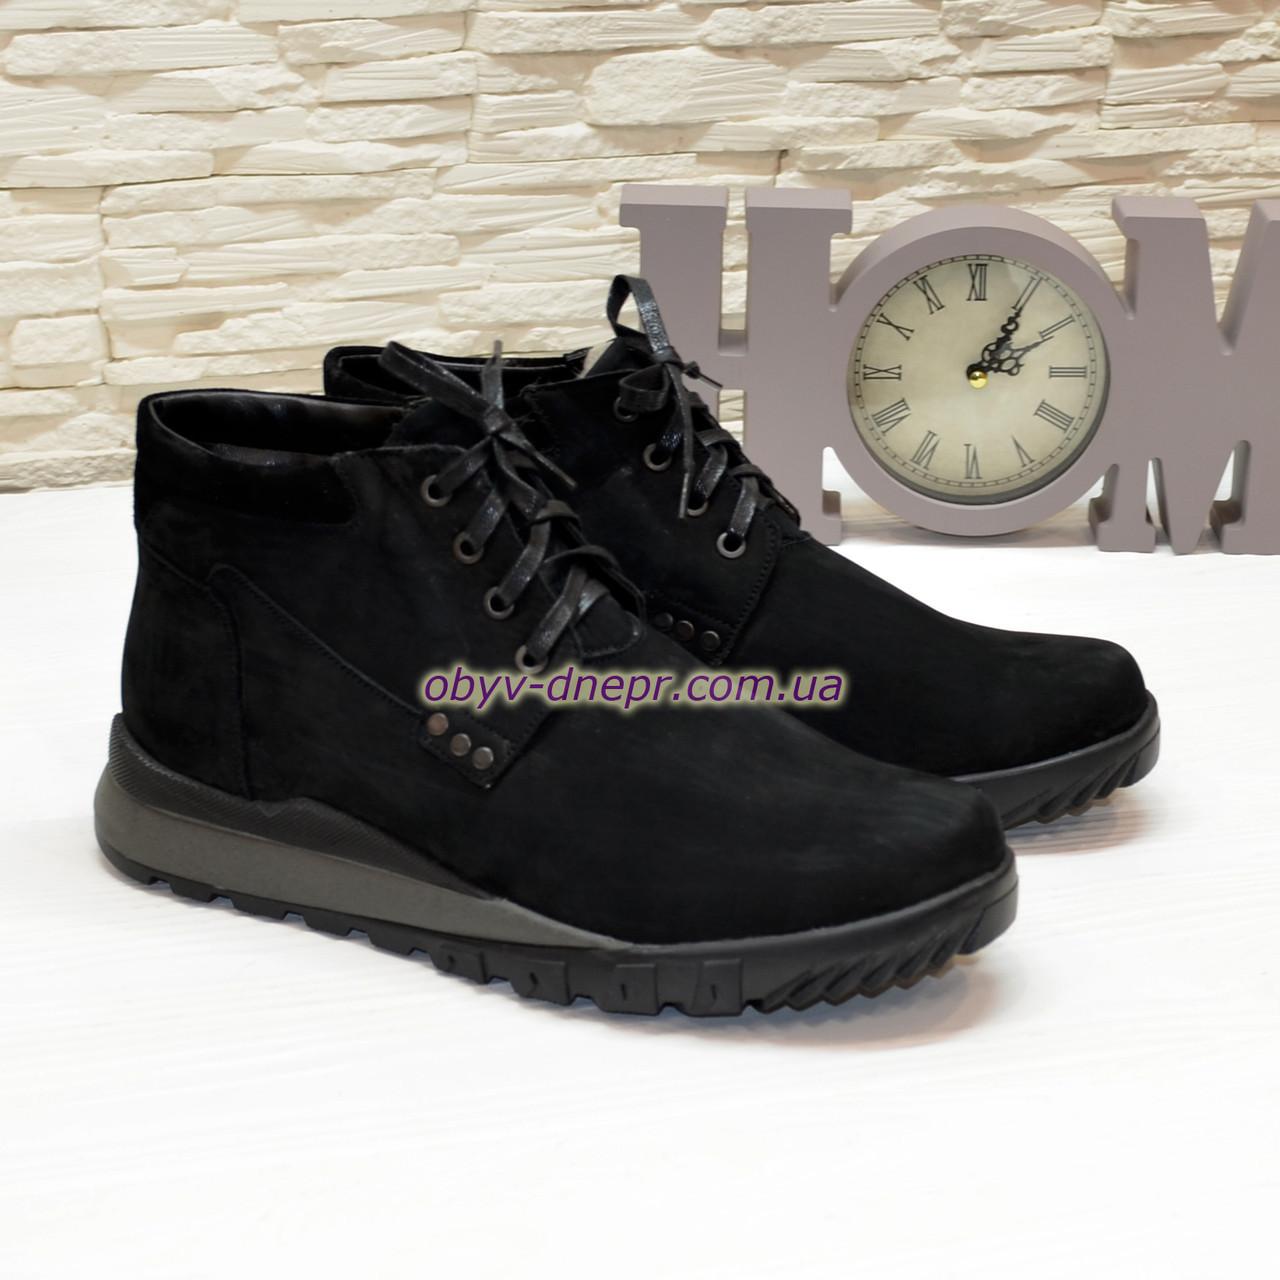 Ботинки мужские кожаные на шнуровке, цвет черный